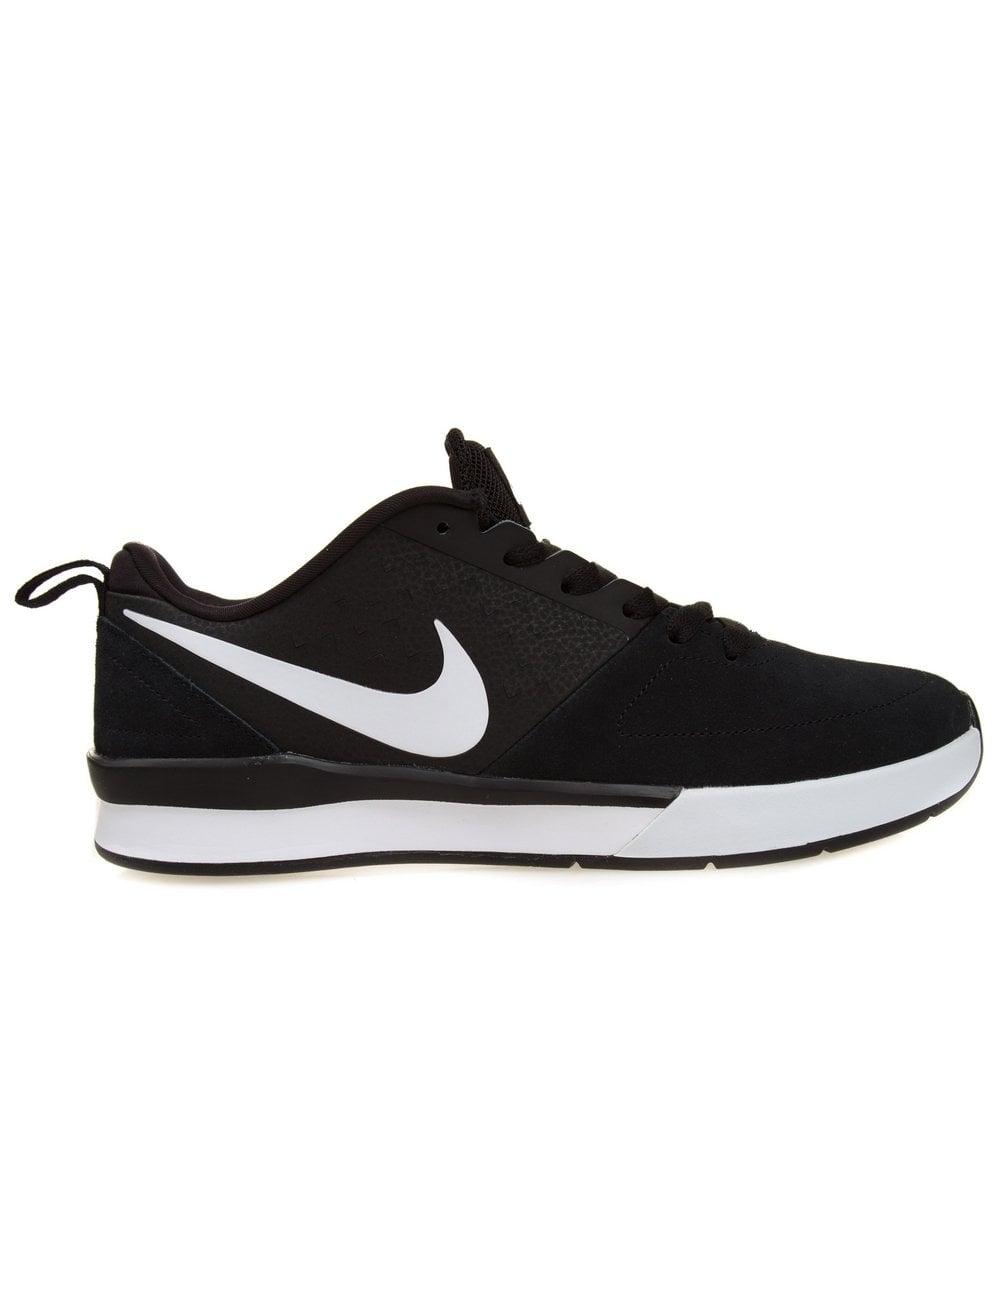 f61c41804d1e Nike SB SB Ghost - Black - Footwear from Fat Buddha Store UK